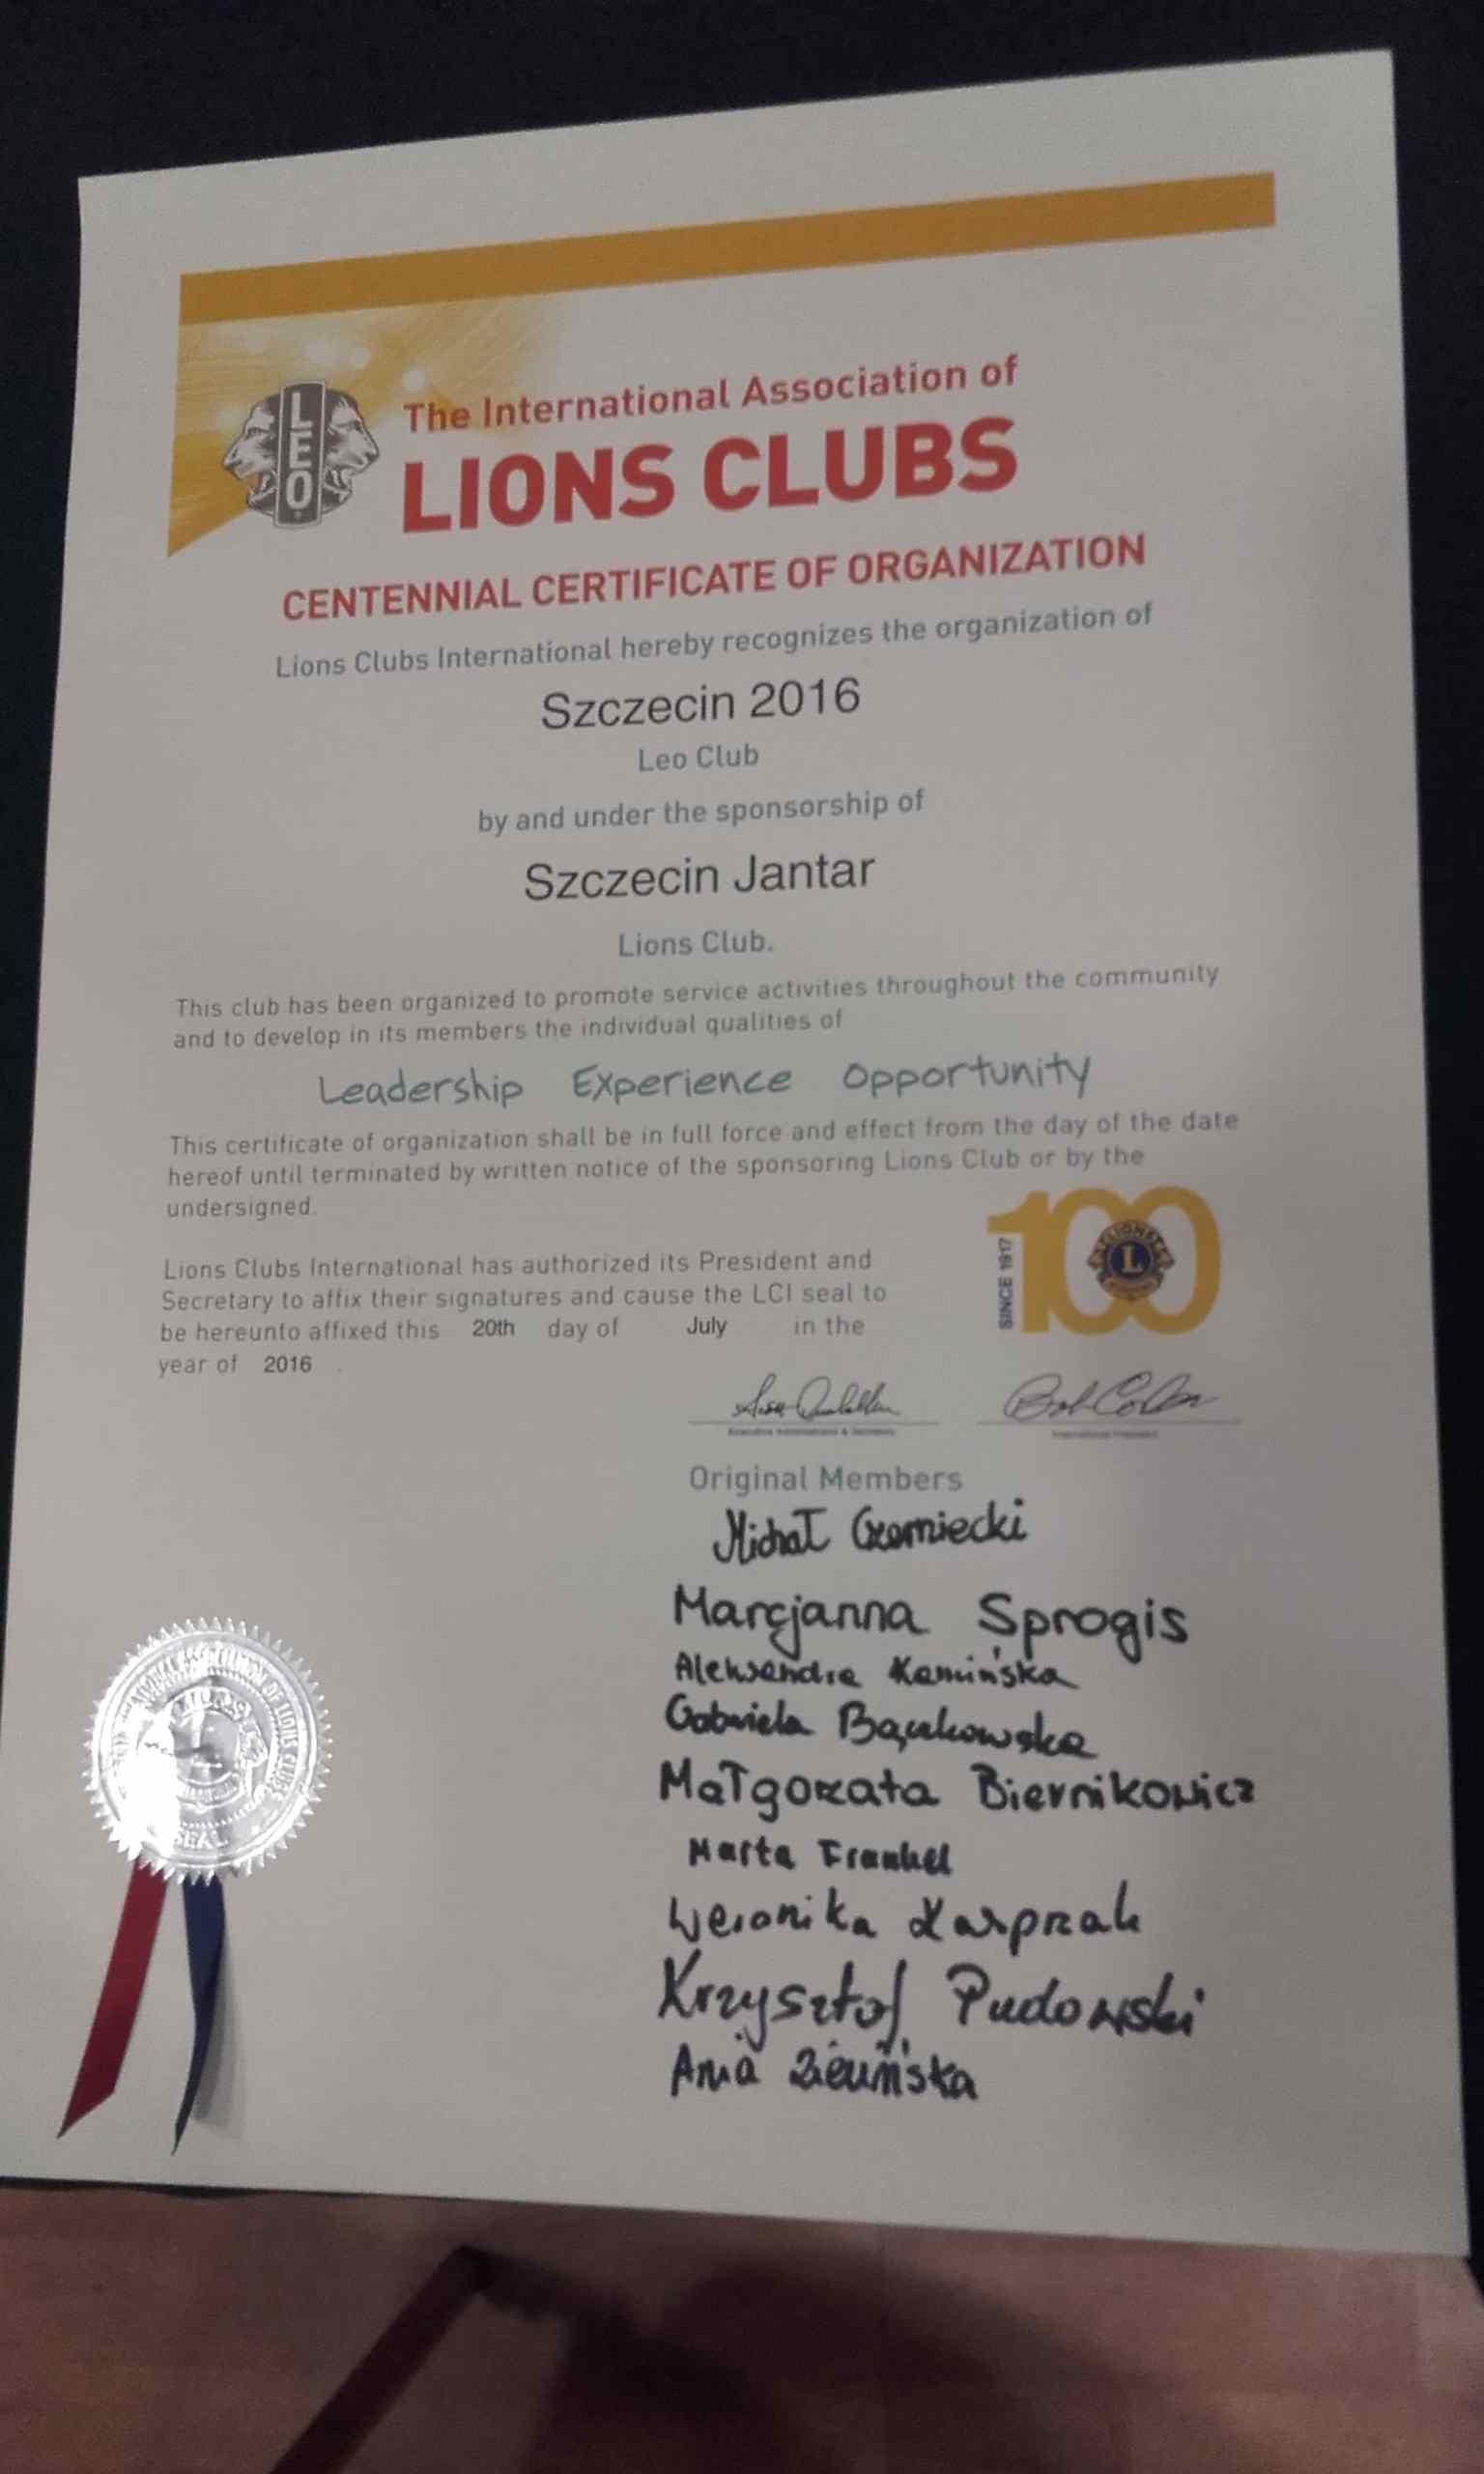 charter-leo-club-szczecin-2016-1-10-2016-r